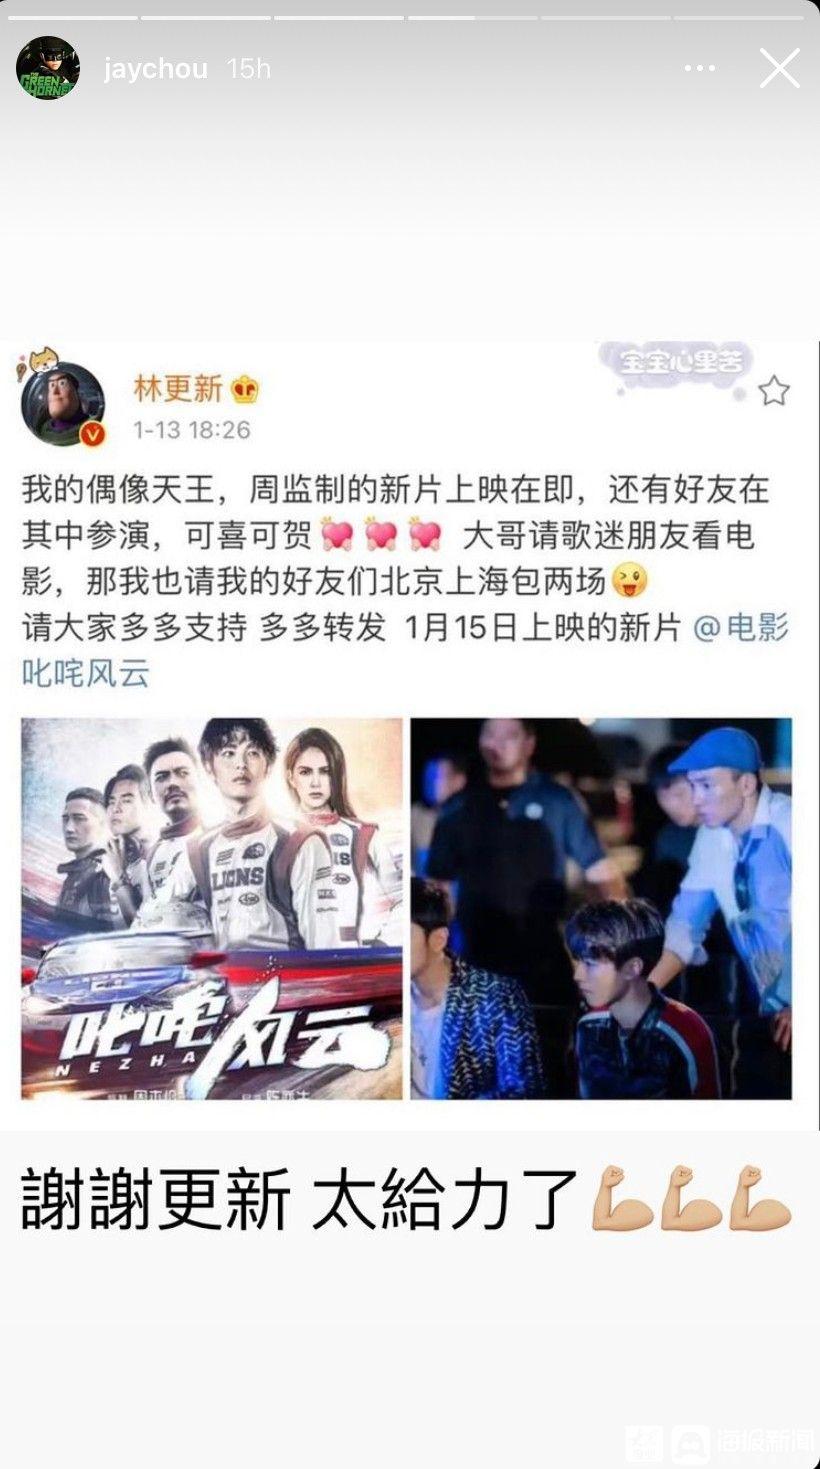 """林庆信成功追击周杰伦网民评论说:""""太羡慕了 """""""